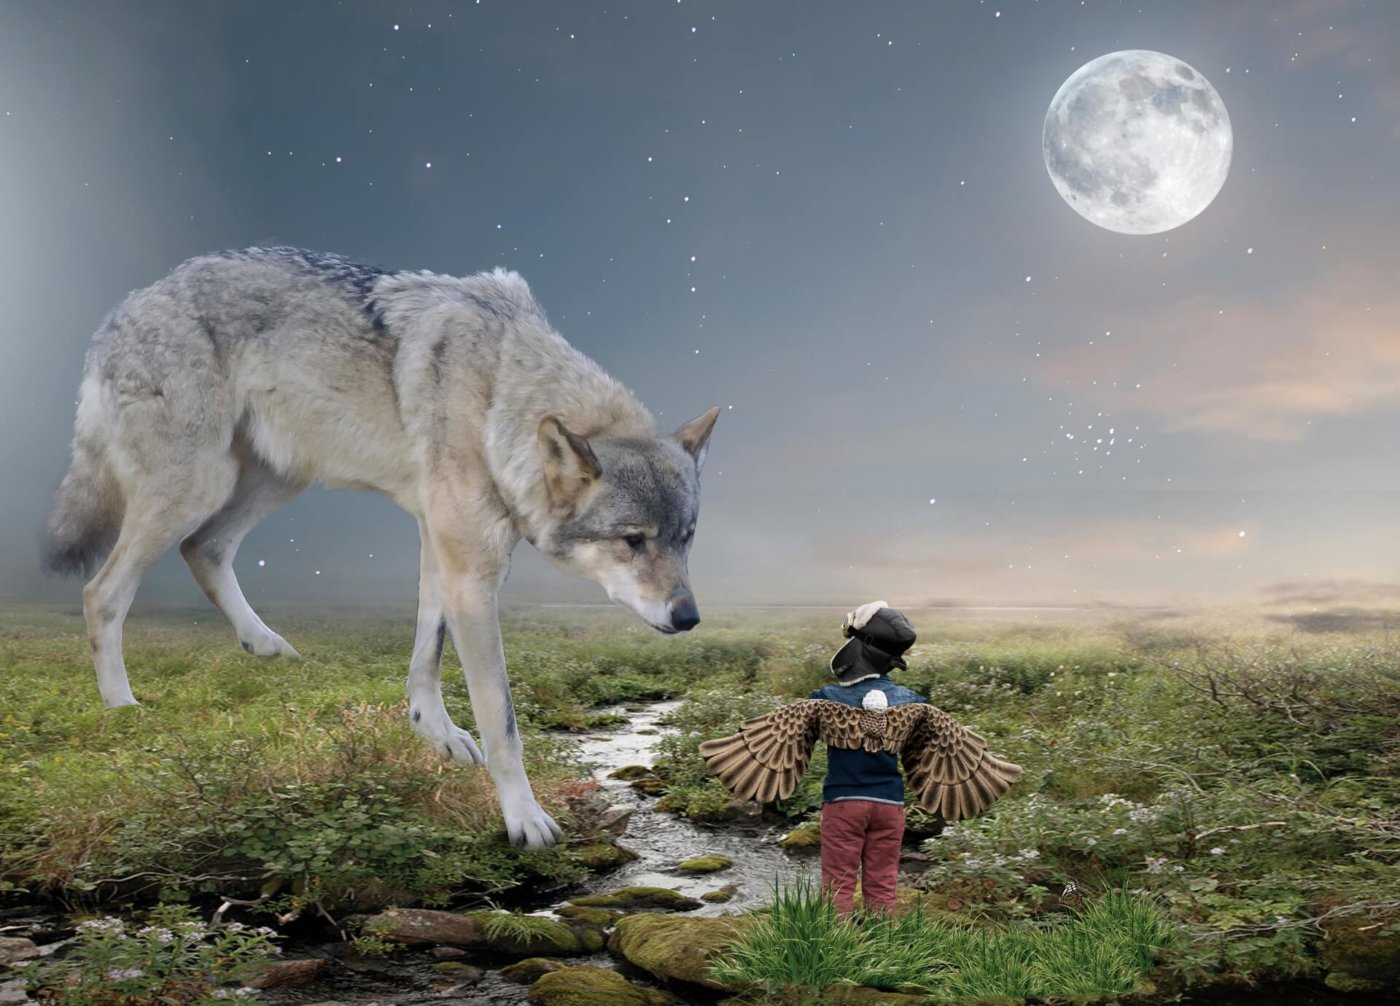 【人狼のコツ】密猟者になったらどうする?